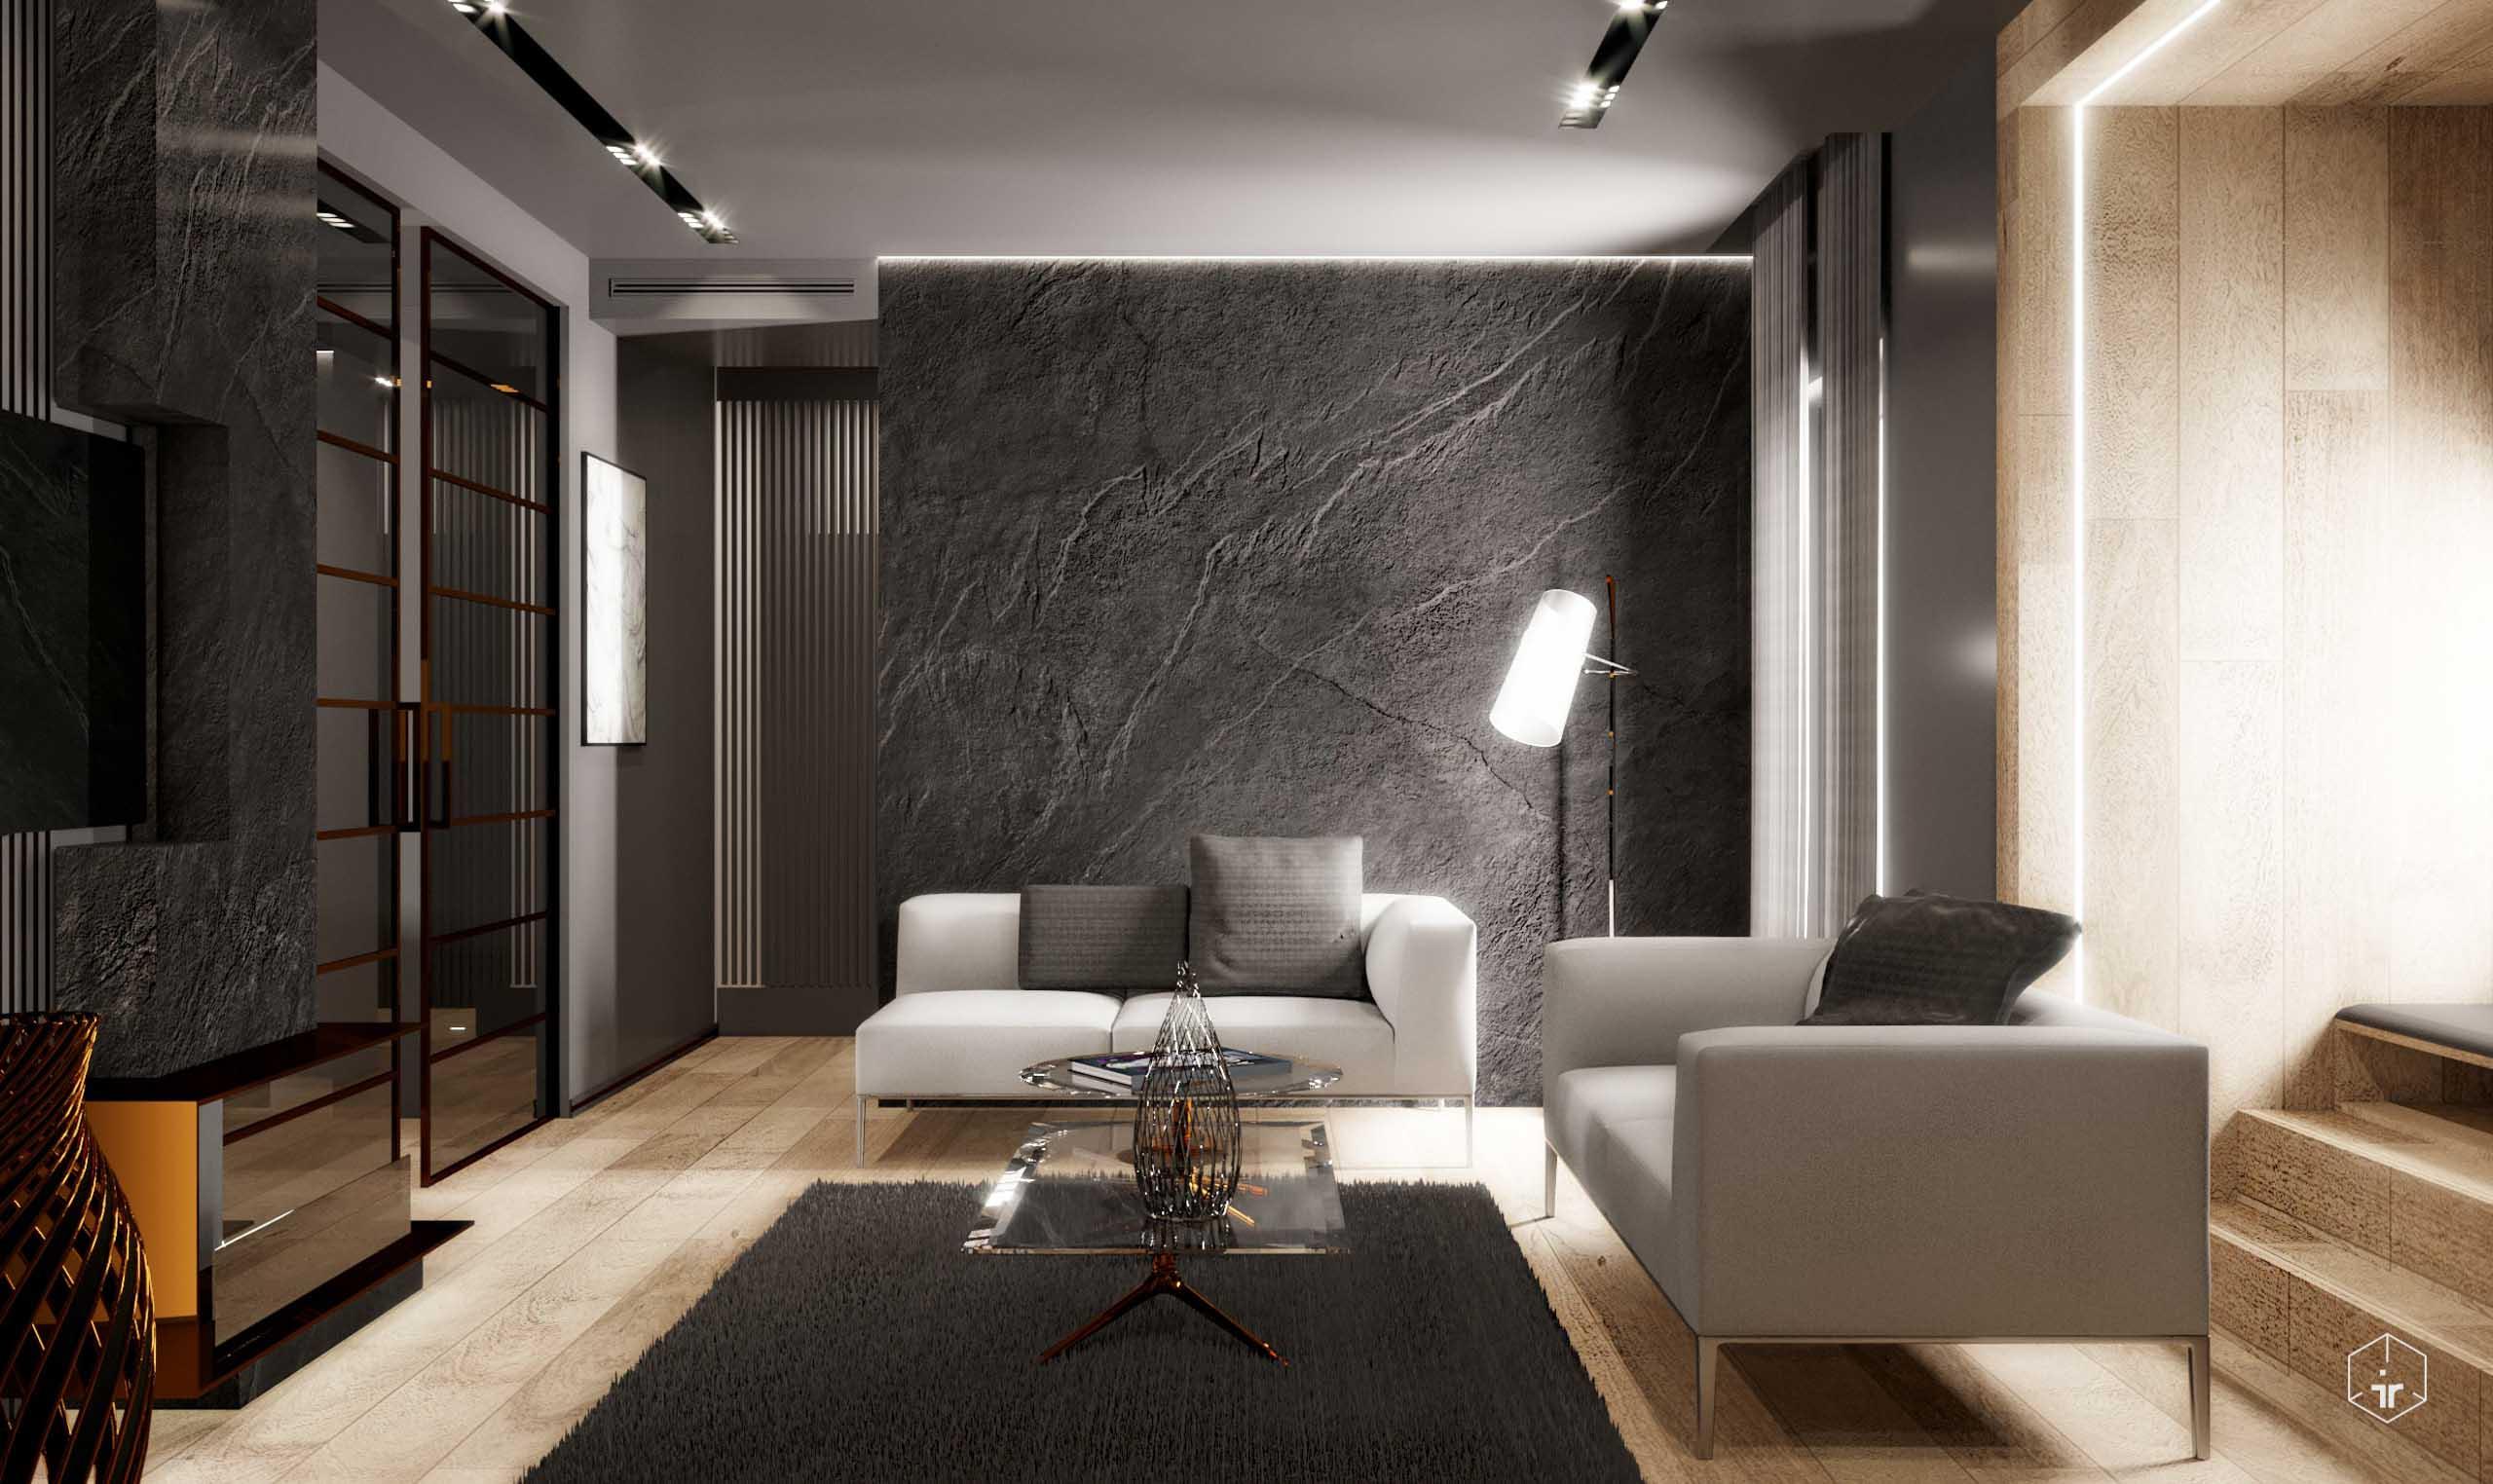 Ristrutturazione Completa Casa Costi quanto costa ristrutturare casa? guida completa - interior